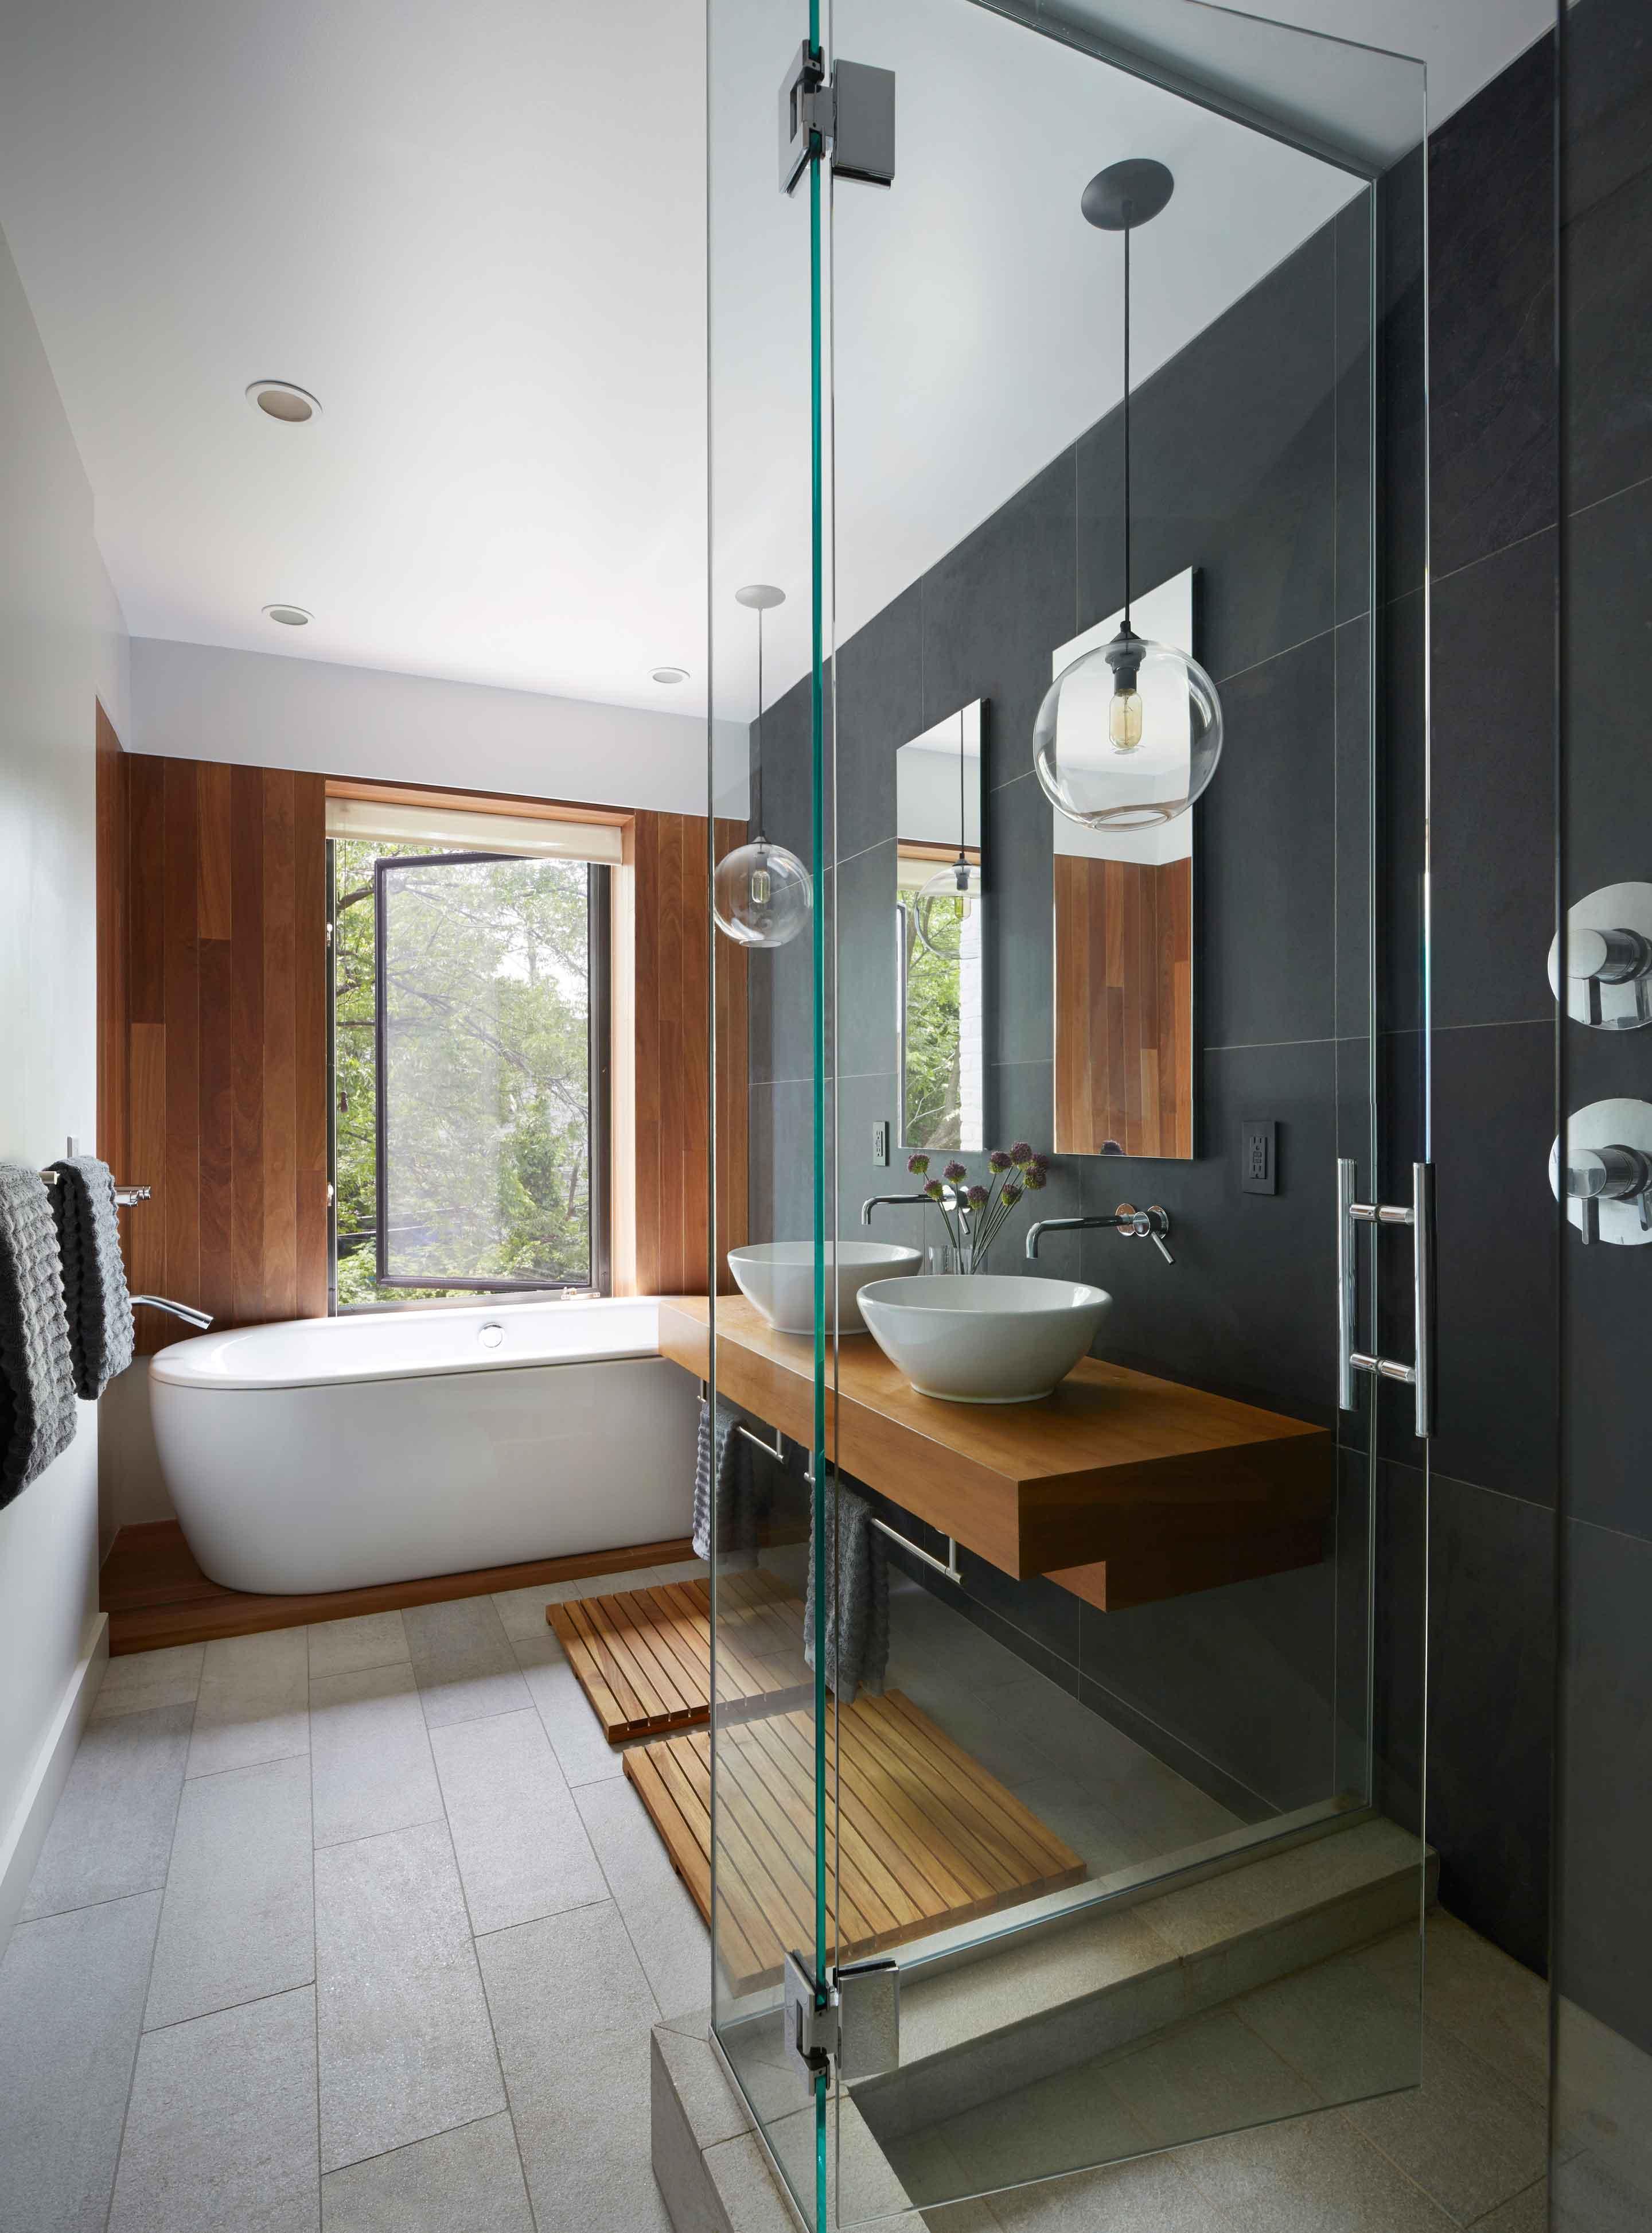 Salle de bain en noir et blanc avec mobilier en bois